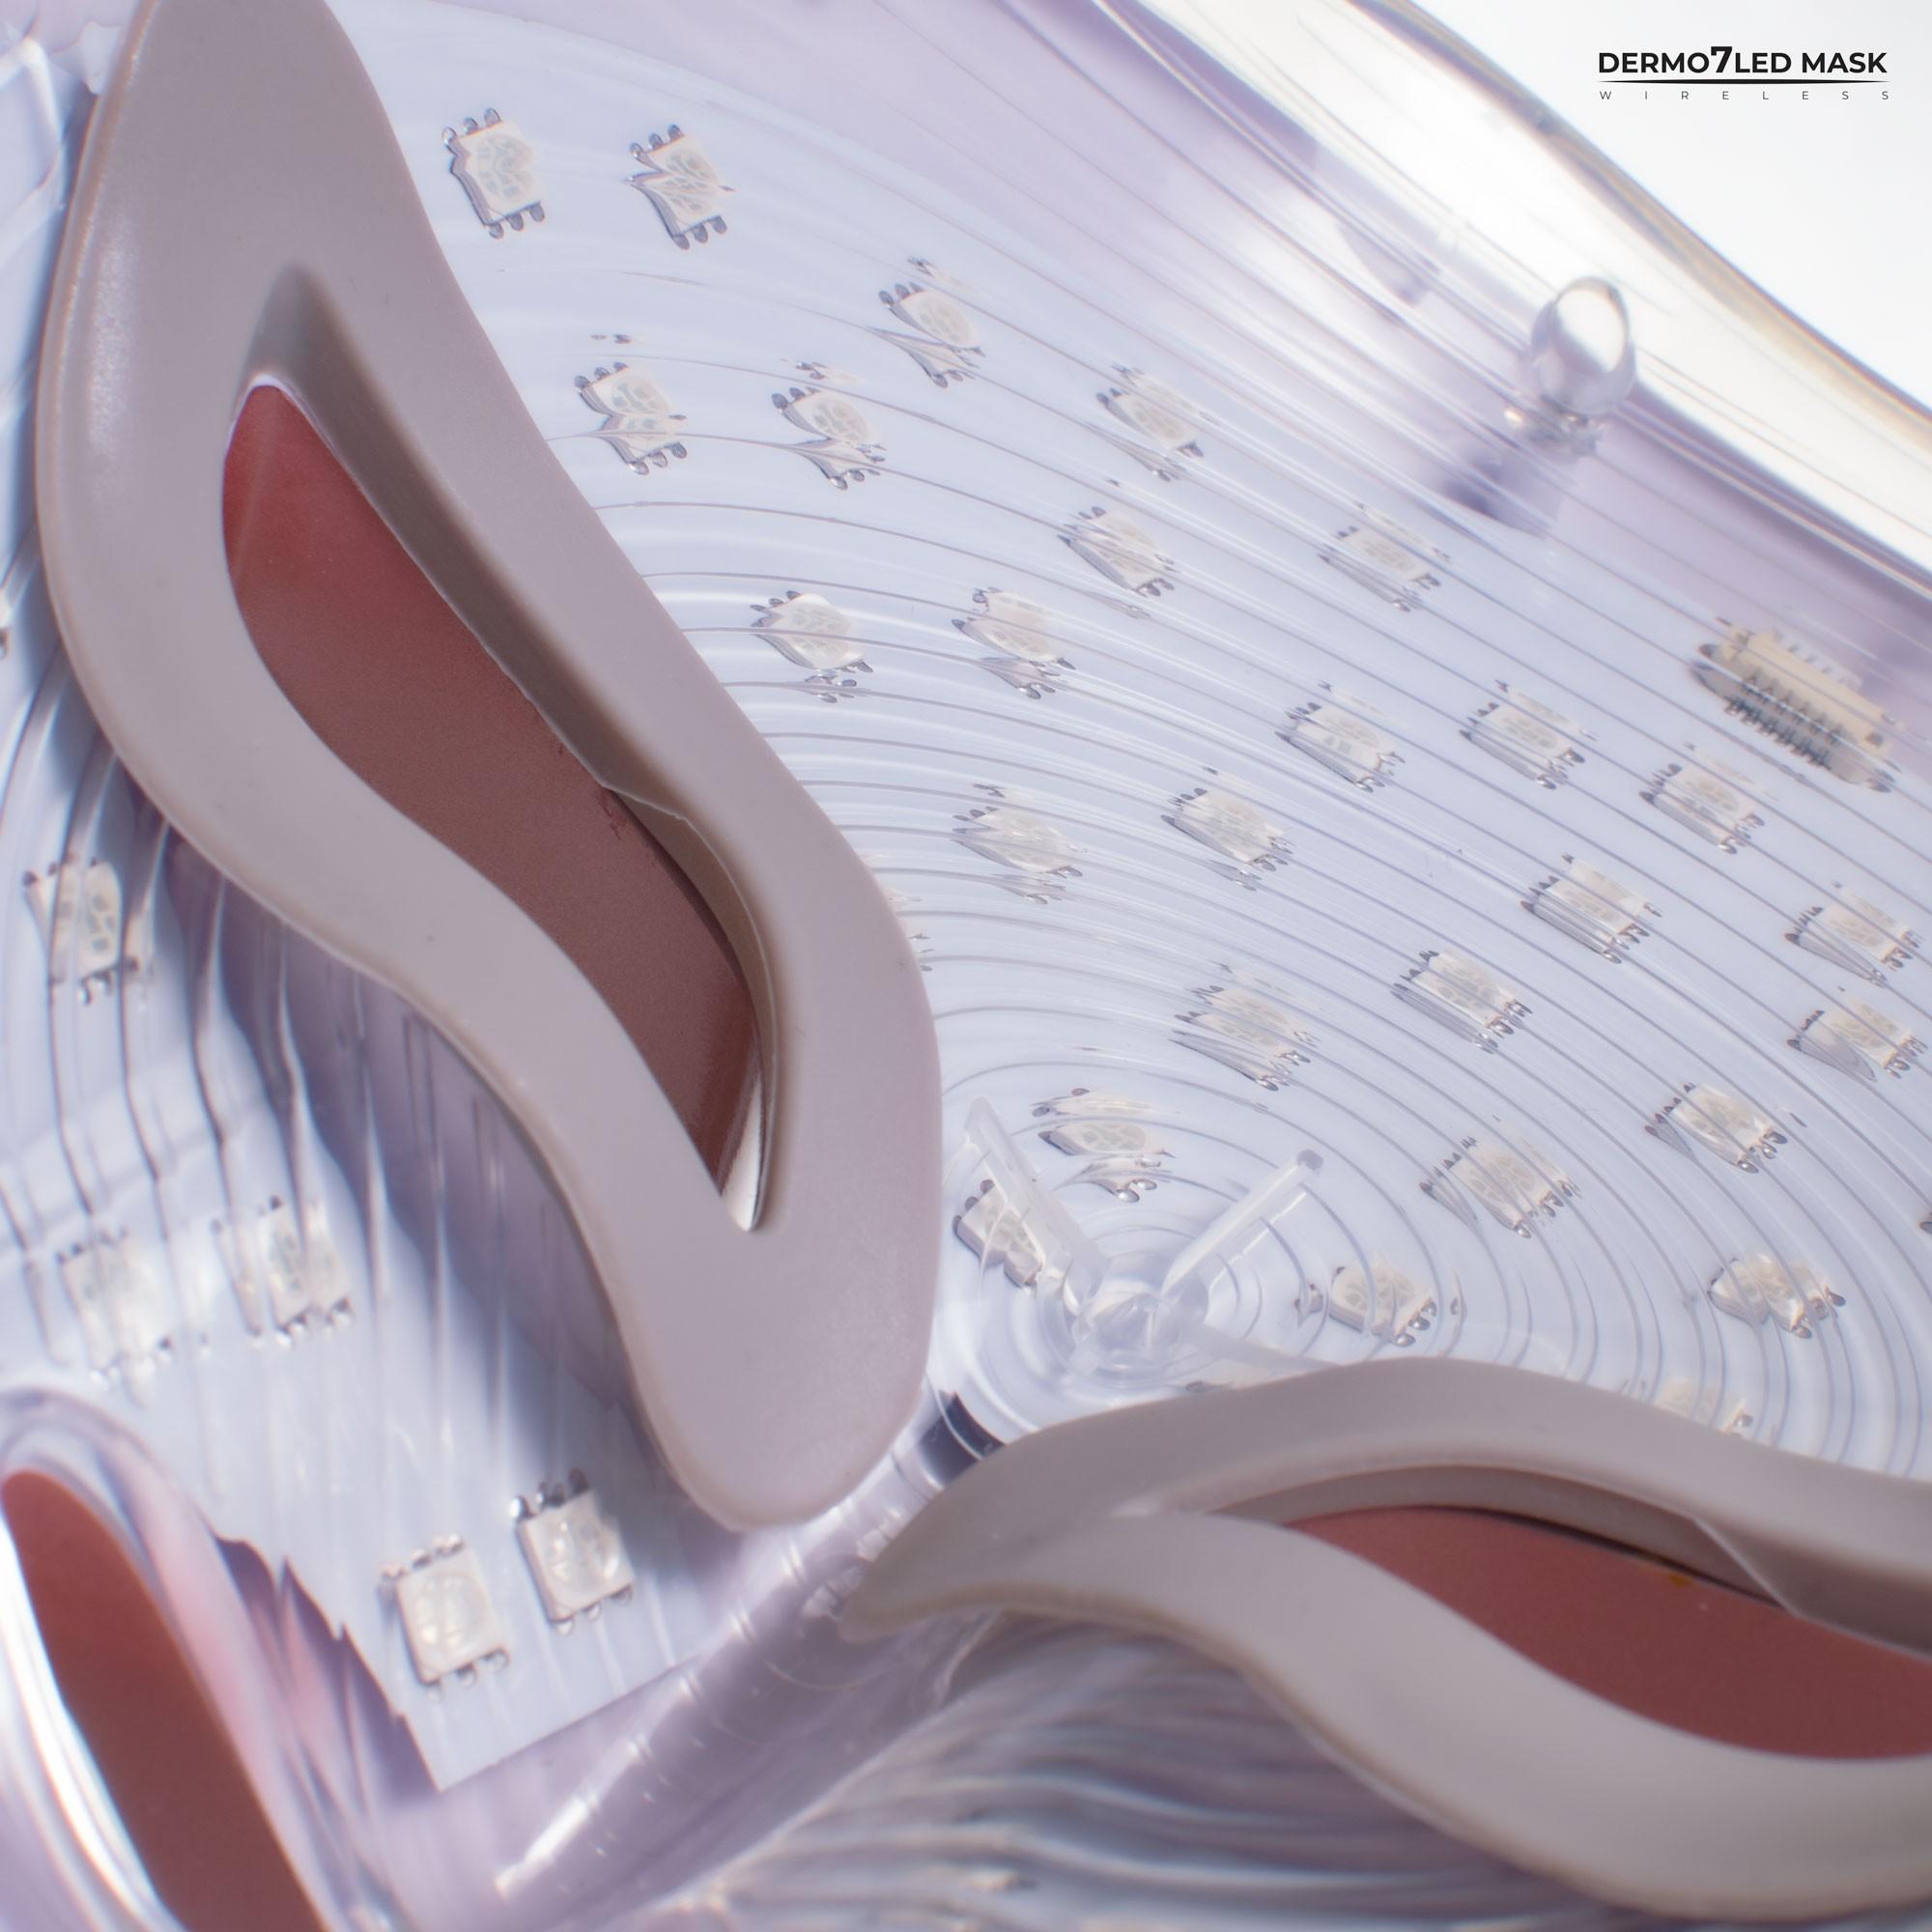 Bezprzewodowa maska DERMO 7 LED MASK na twarz